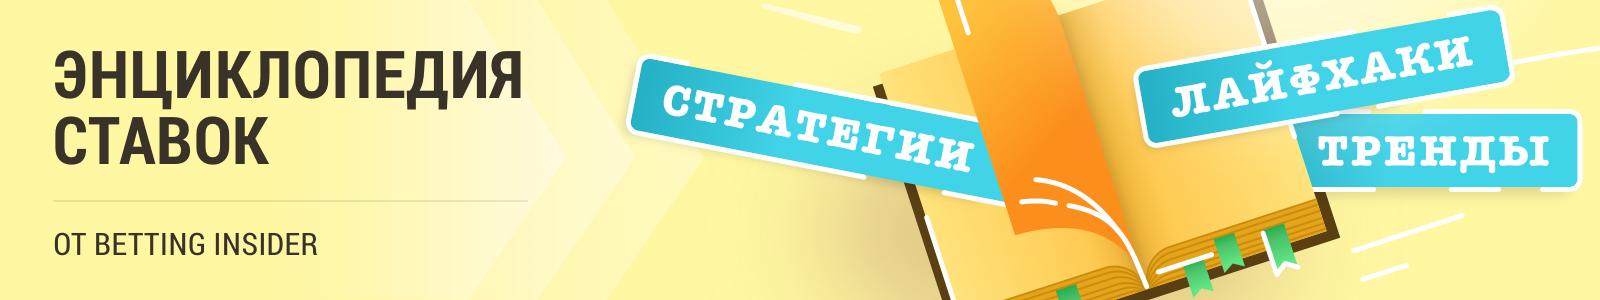 От г.насам Български спортен тотализатор (БСТ) набира средства за подпомагане на спорта в България, като организира лотарийни, тото и лото игри и залагания върху резултати от спортни състезания.